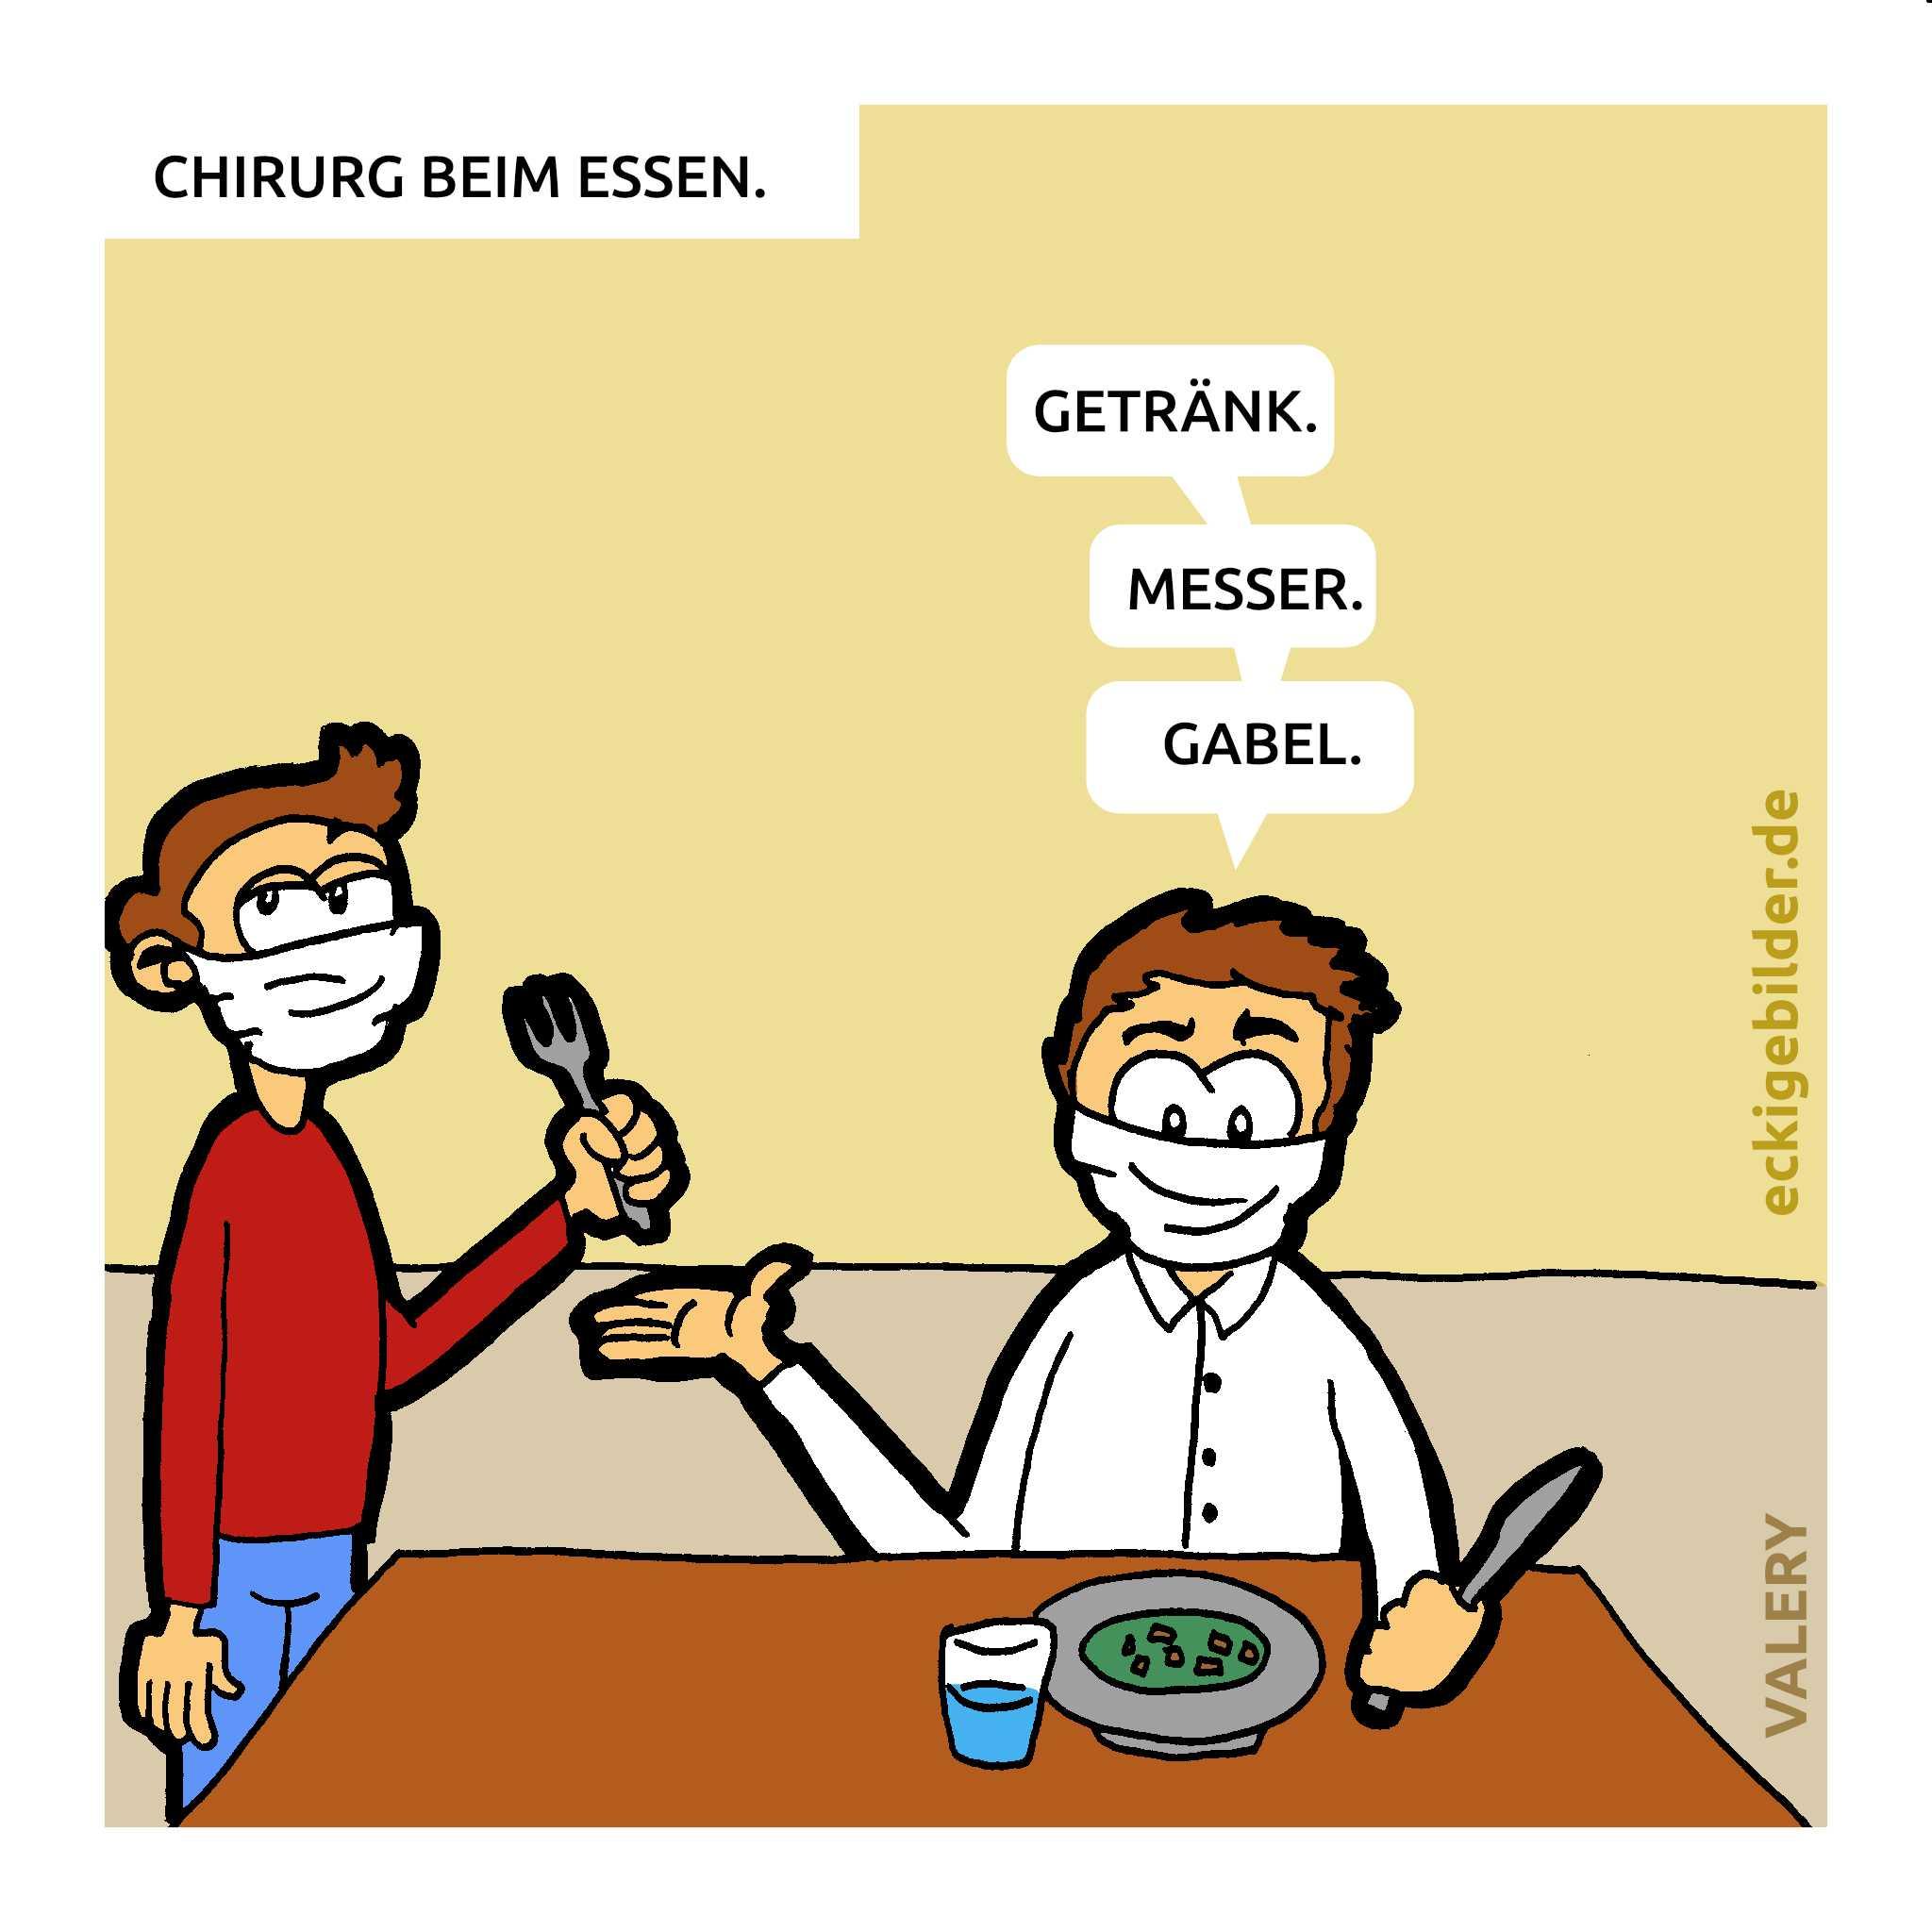 Chirurg Essen Cartoon